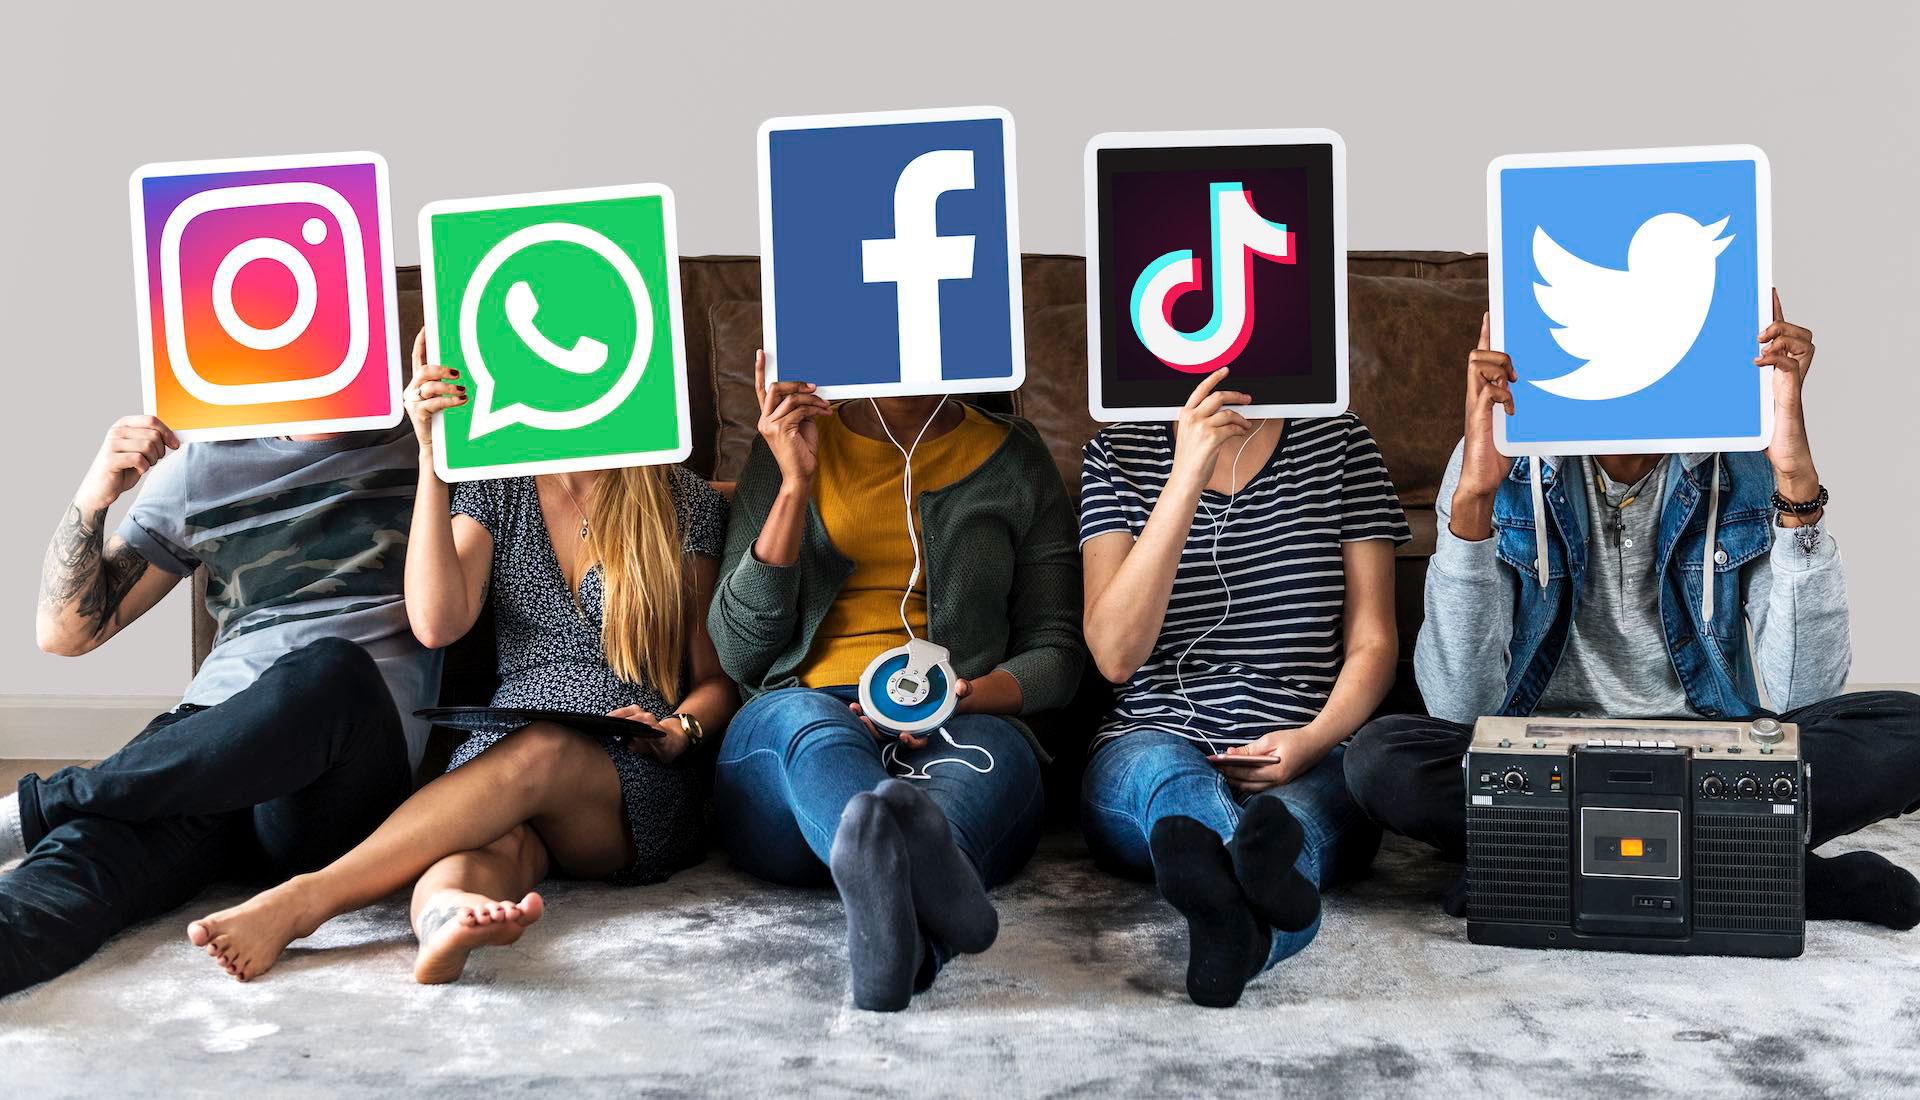 Ragazzi tengono in mano dei cartelli con i loghi dei social network